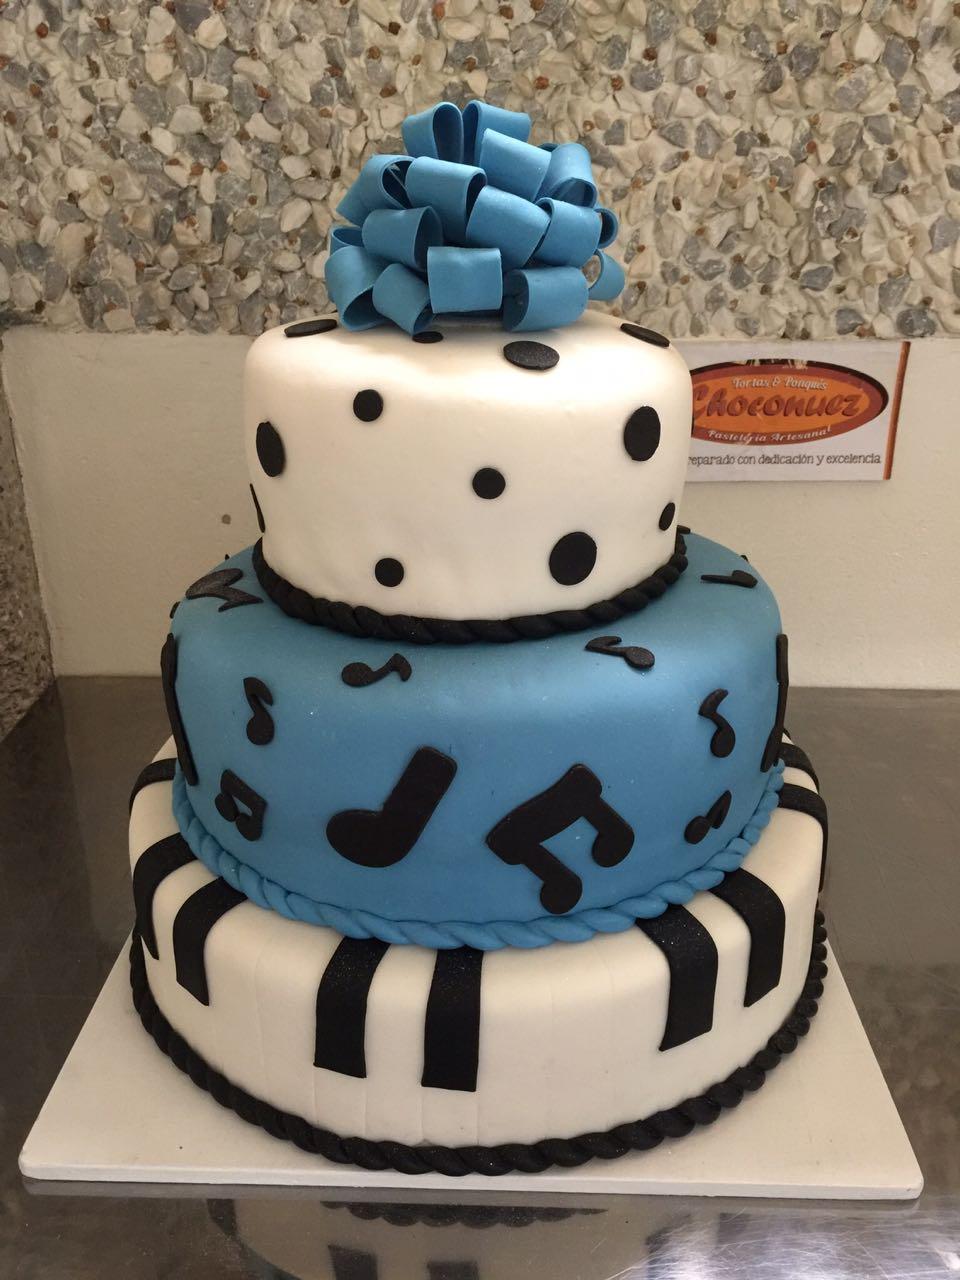 Tortas de quince años Choconuez pastelería